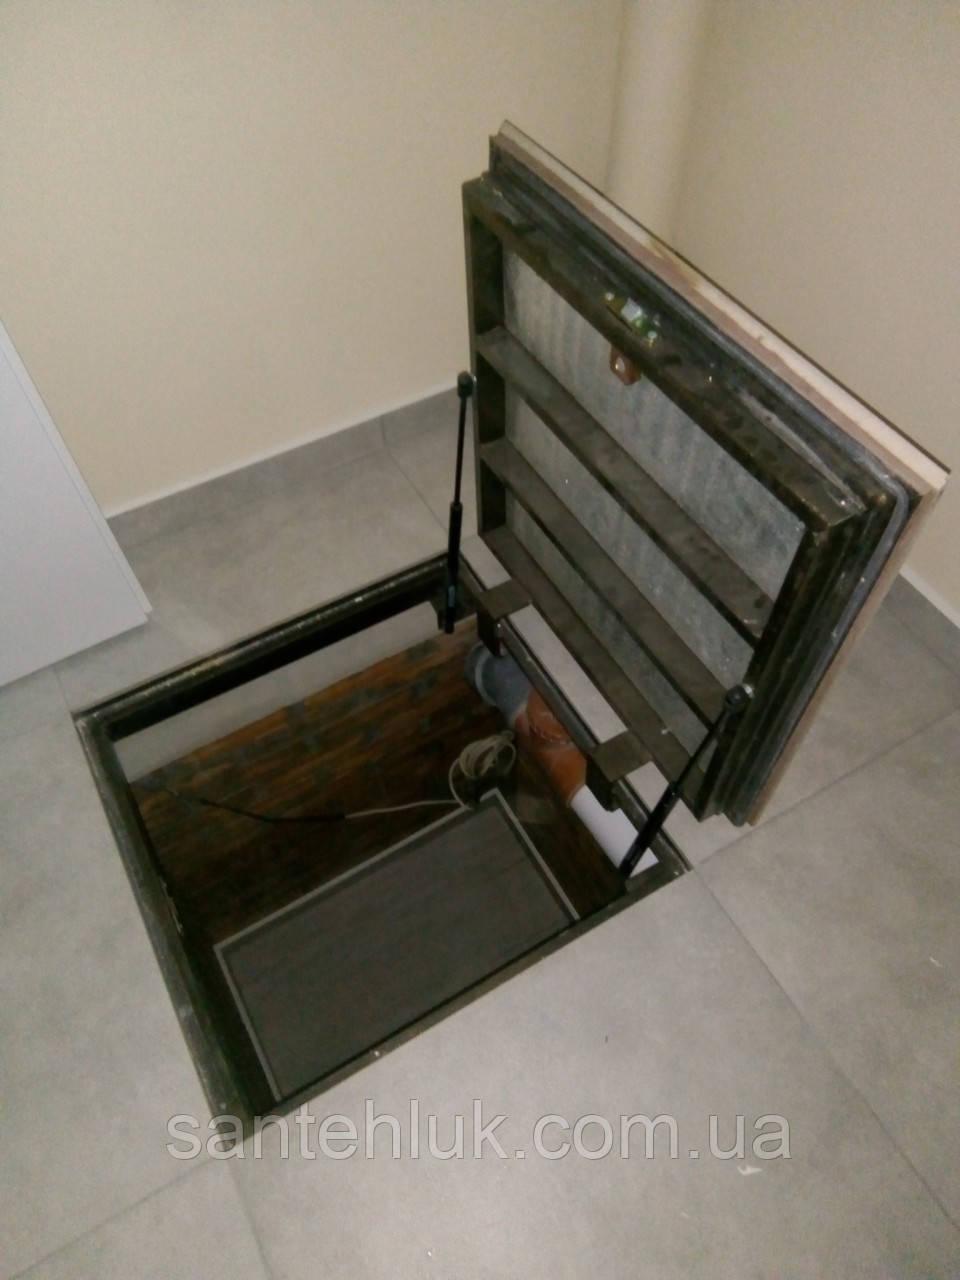 Люк в пол 900х800 герметичный  утепленный . Напольный люк в пол, подвал на газовых амортизаторах